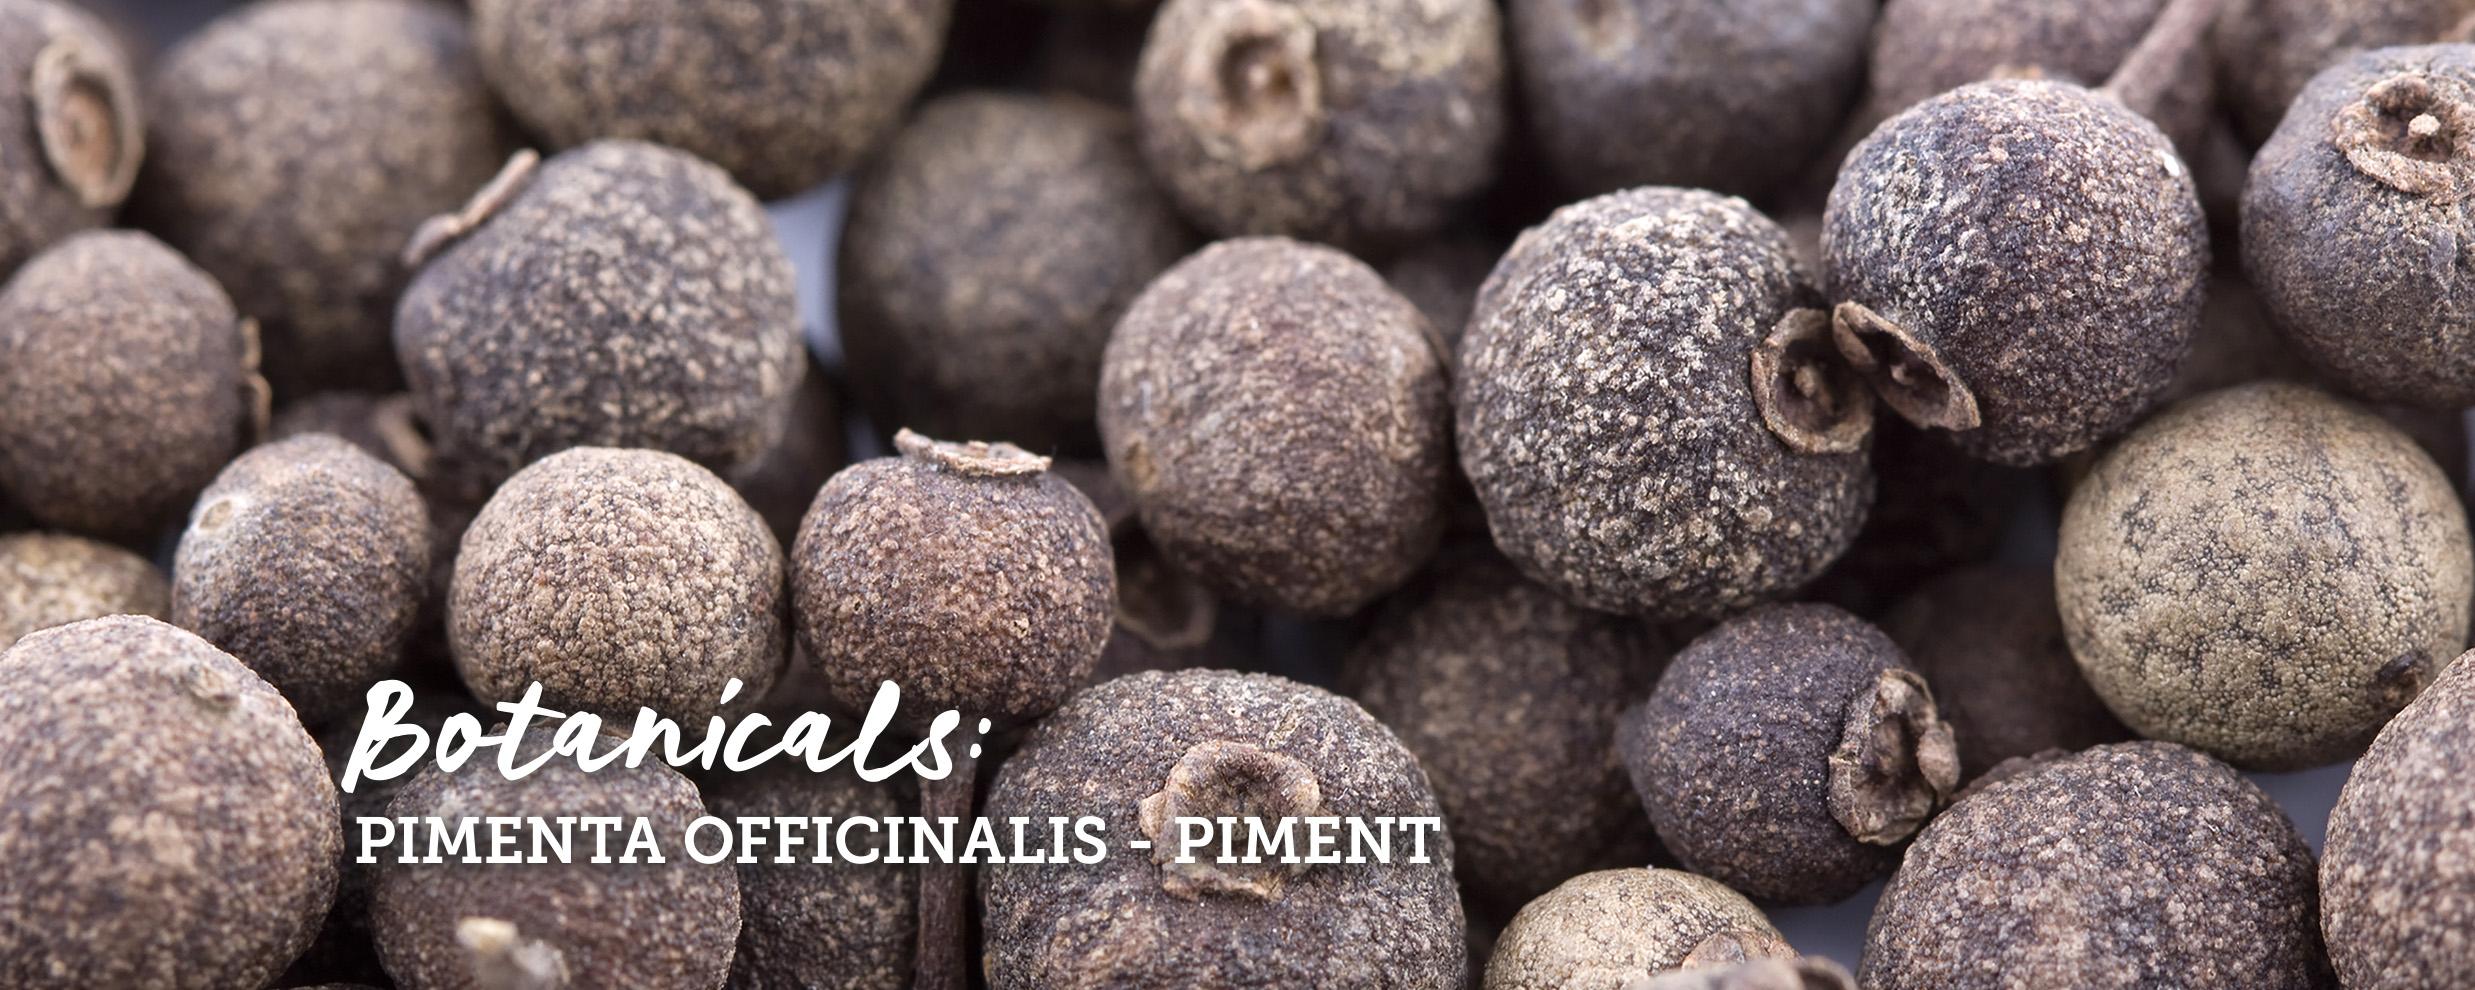 botanicals-piment